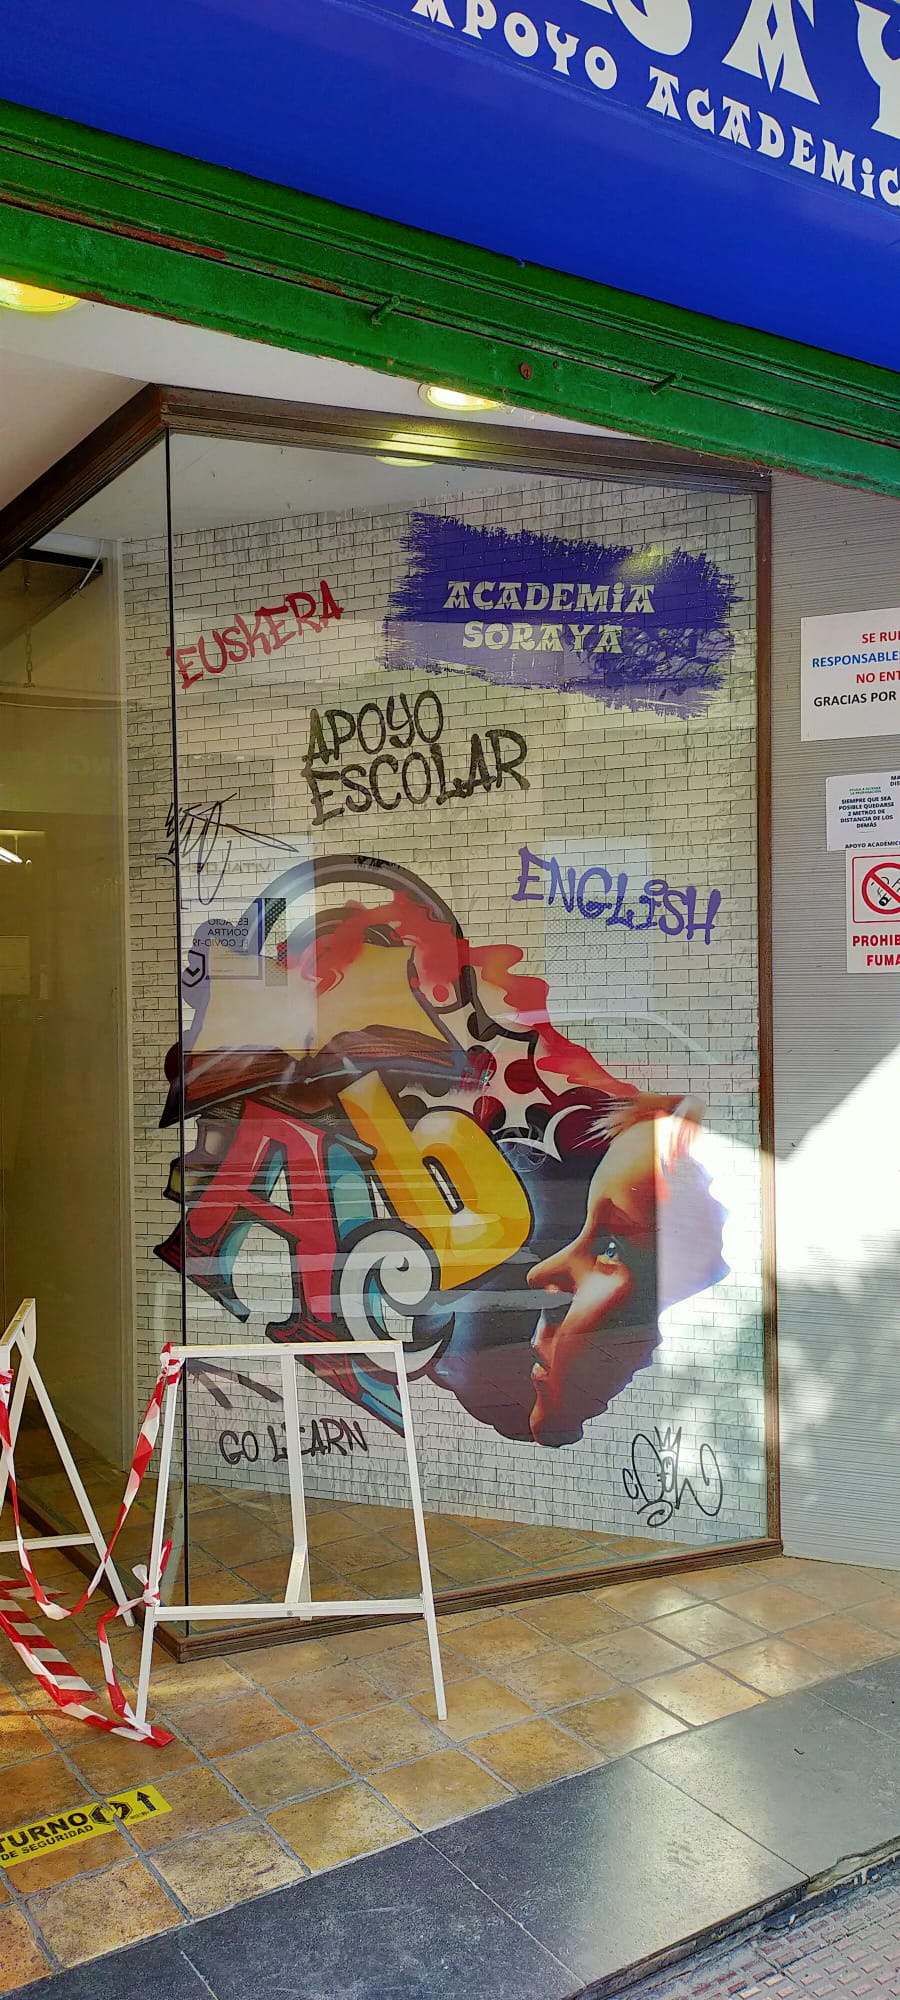 Nueva rotulación para academia de idiomas en el Pais Vasco